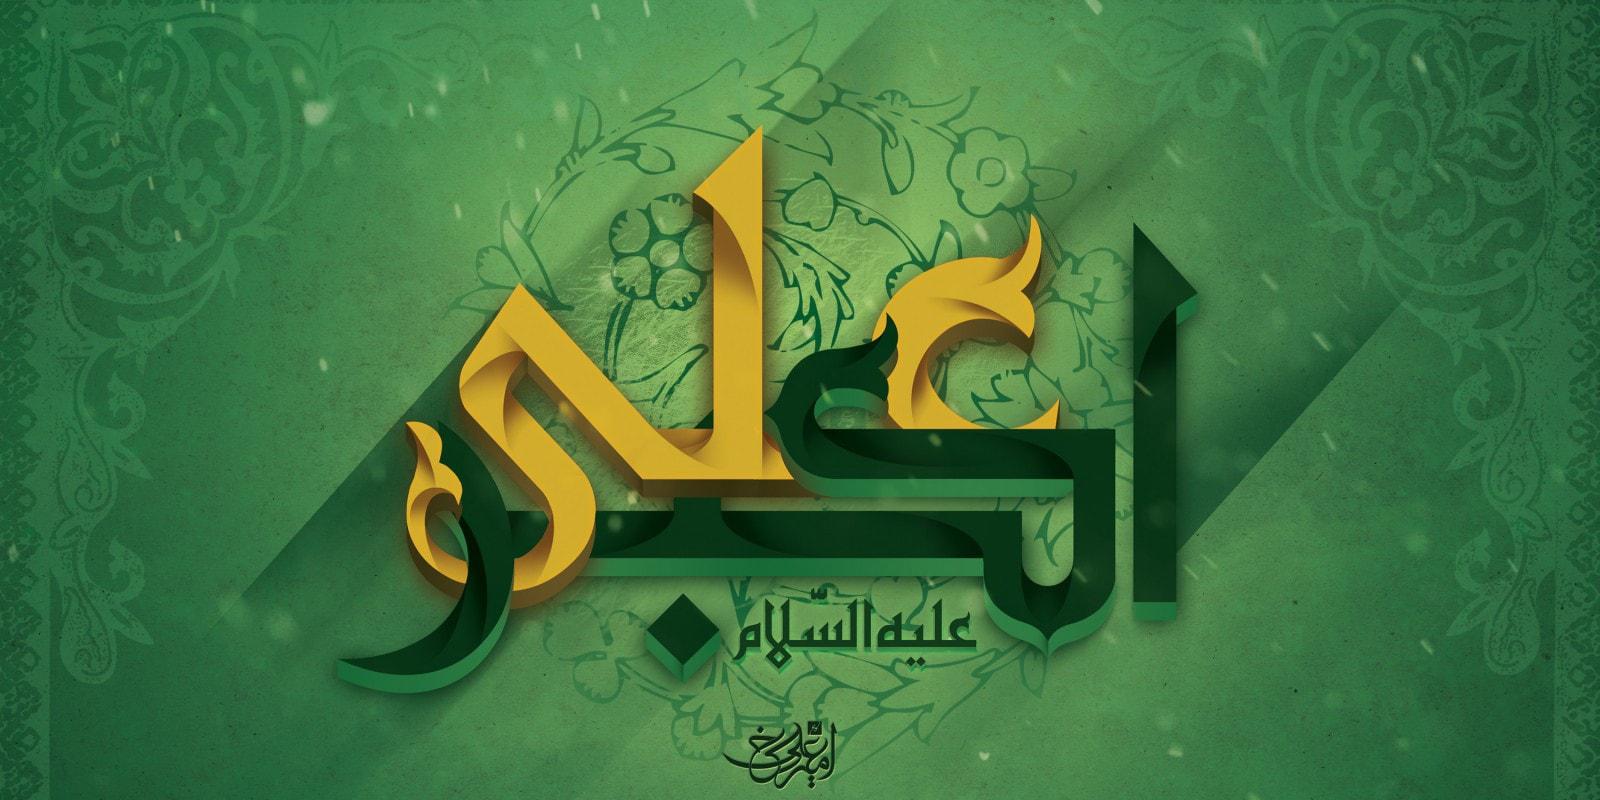 ویژگیهای خاص حضرت علی اکبر (ع)